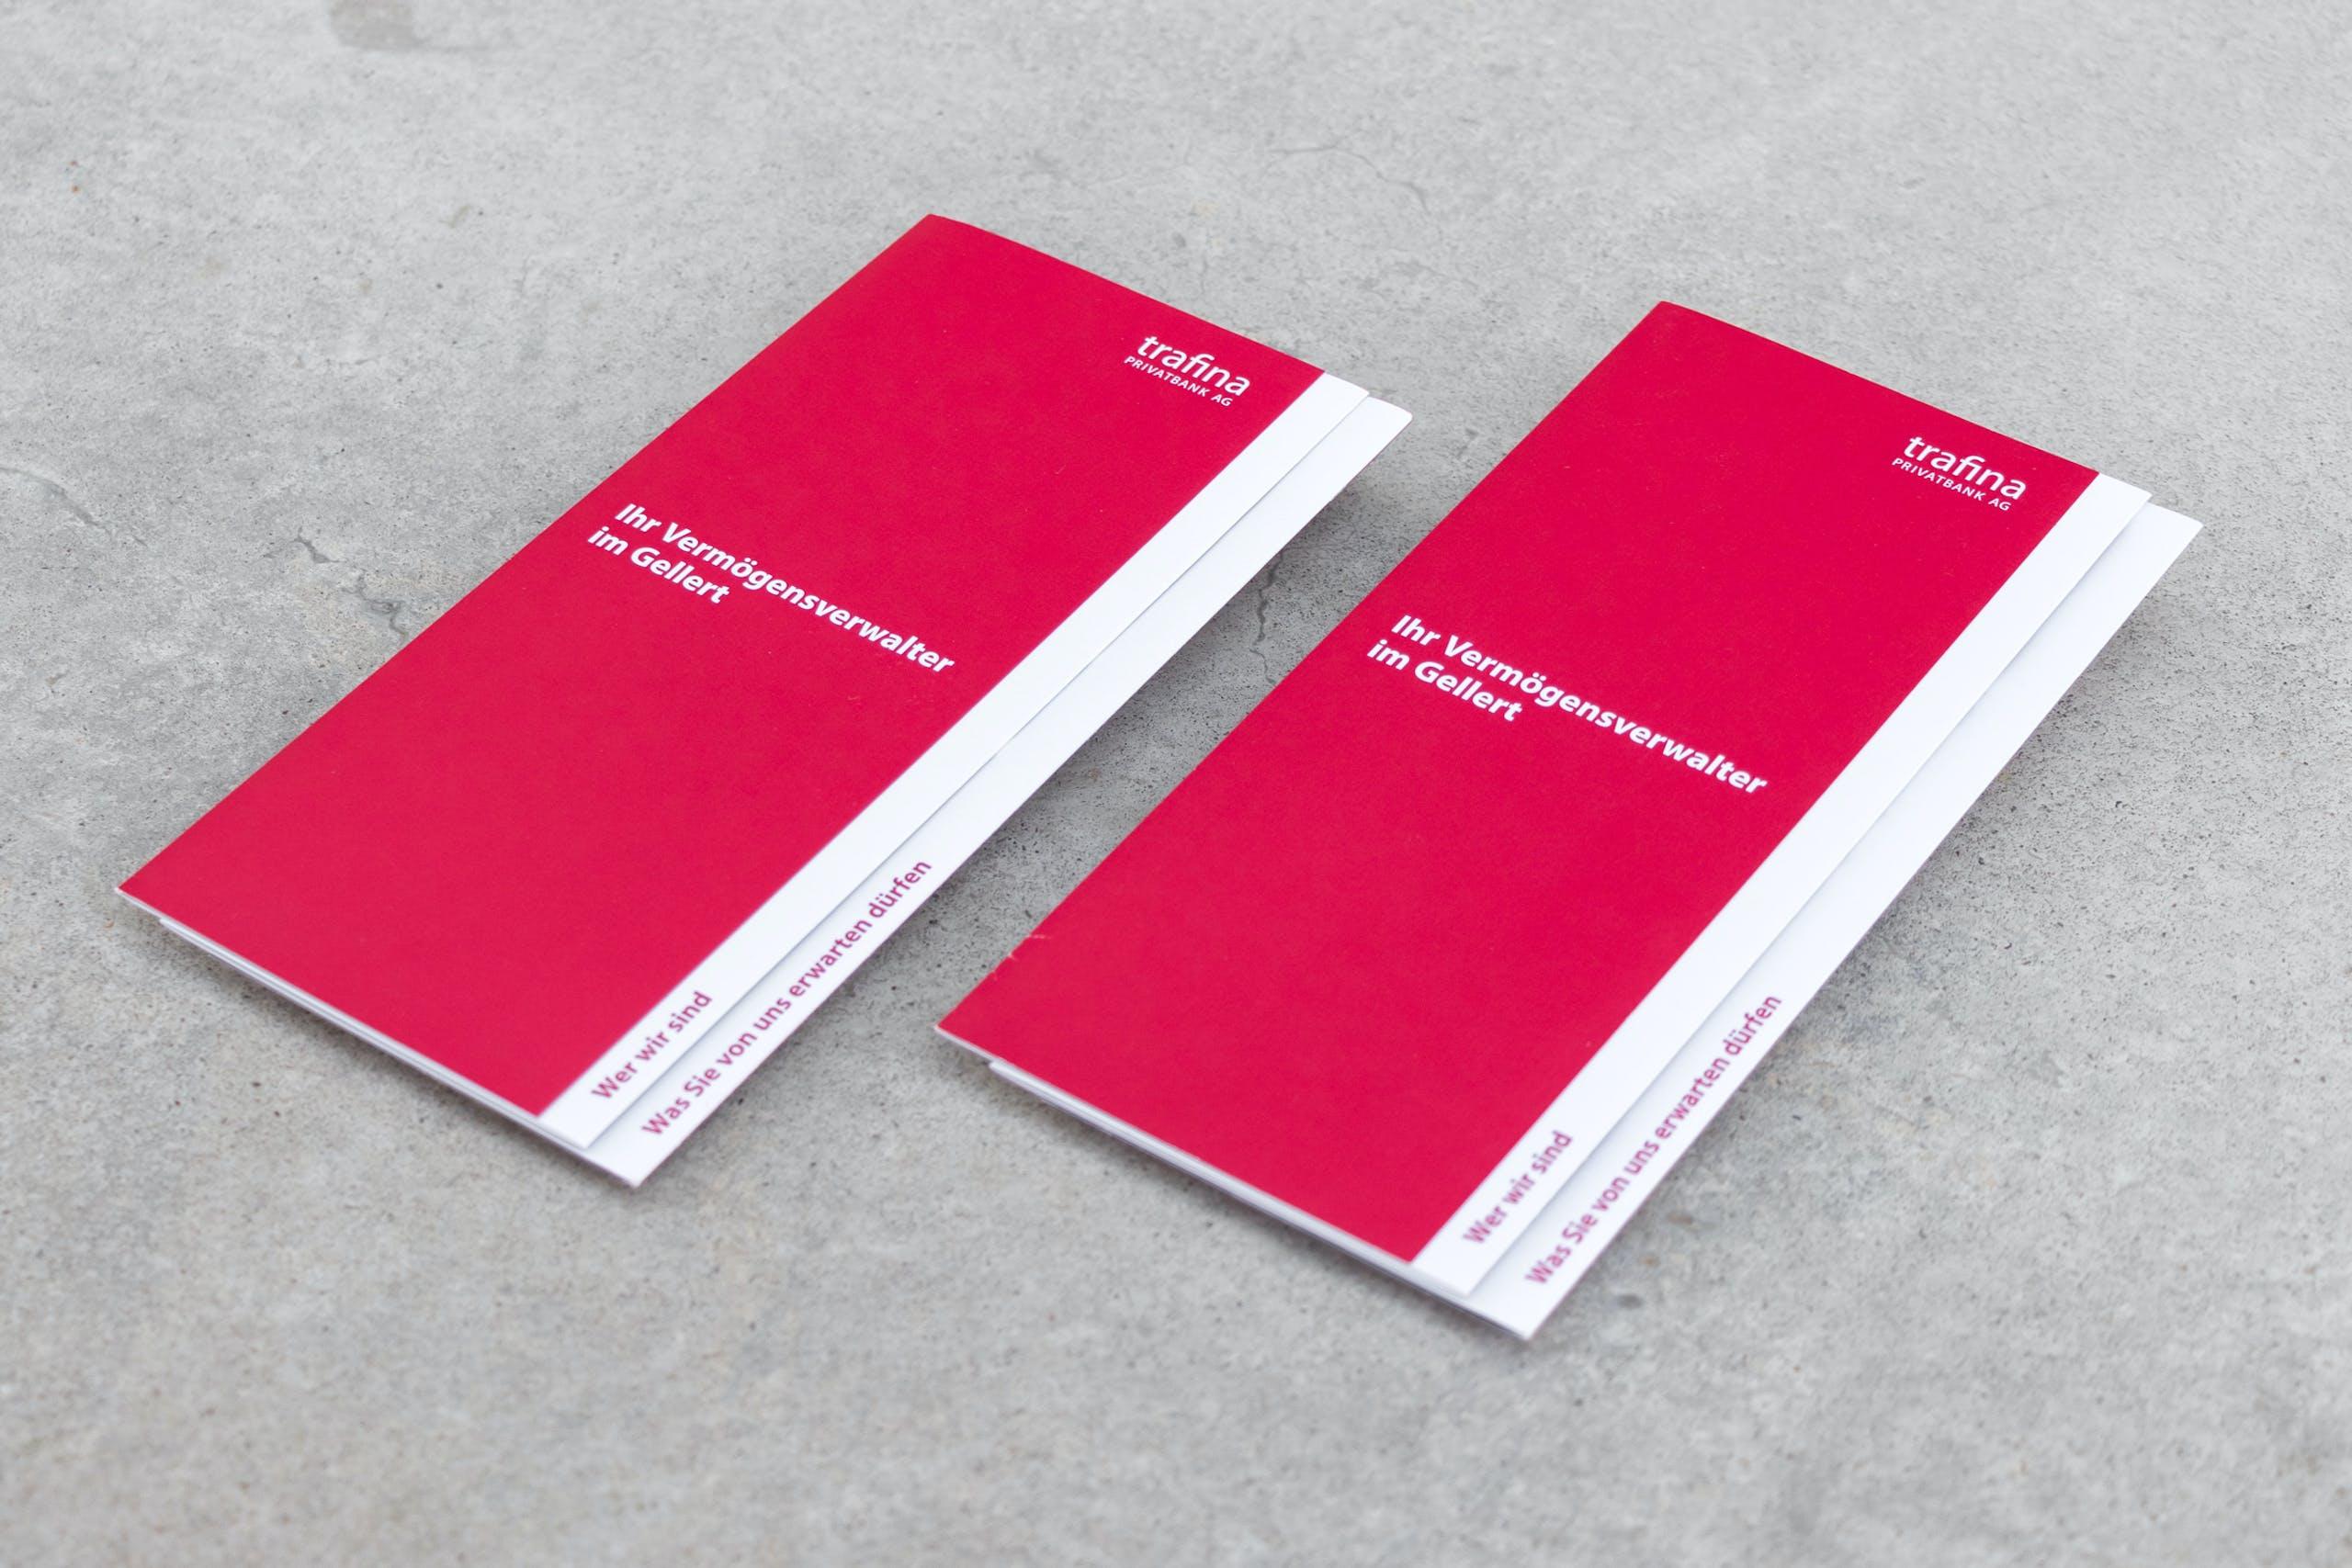 Ptivatbank, Basel-Stadt, Stadt, banking, Gestaltung, Flyer, Konzept, Druck, Design,